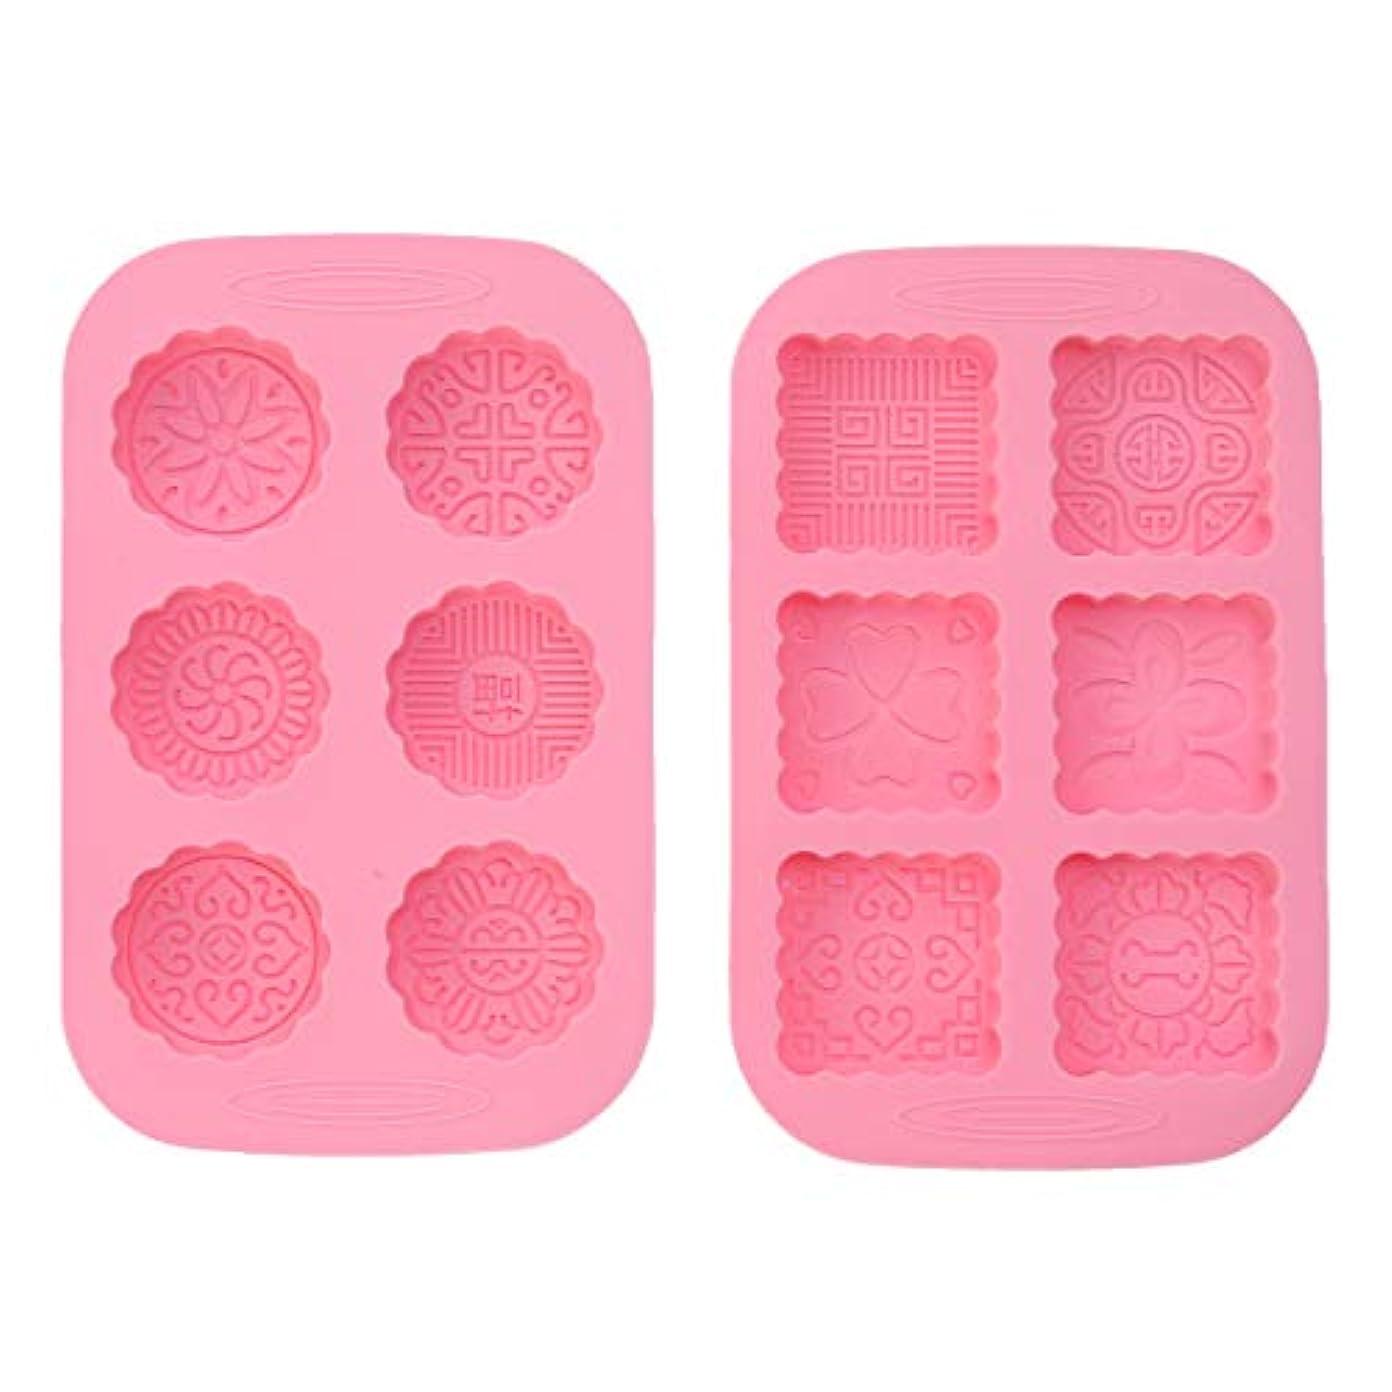 知らせるタブレットロッジHealifty チョコレート石鹸パンのための2本の月餅型の花型(ピンク)